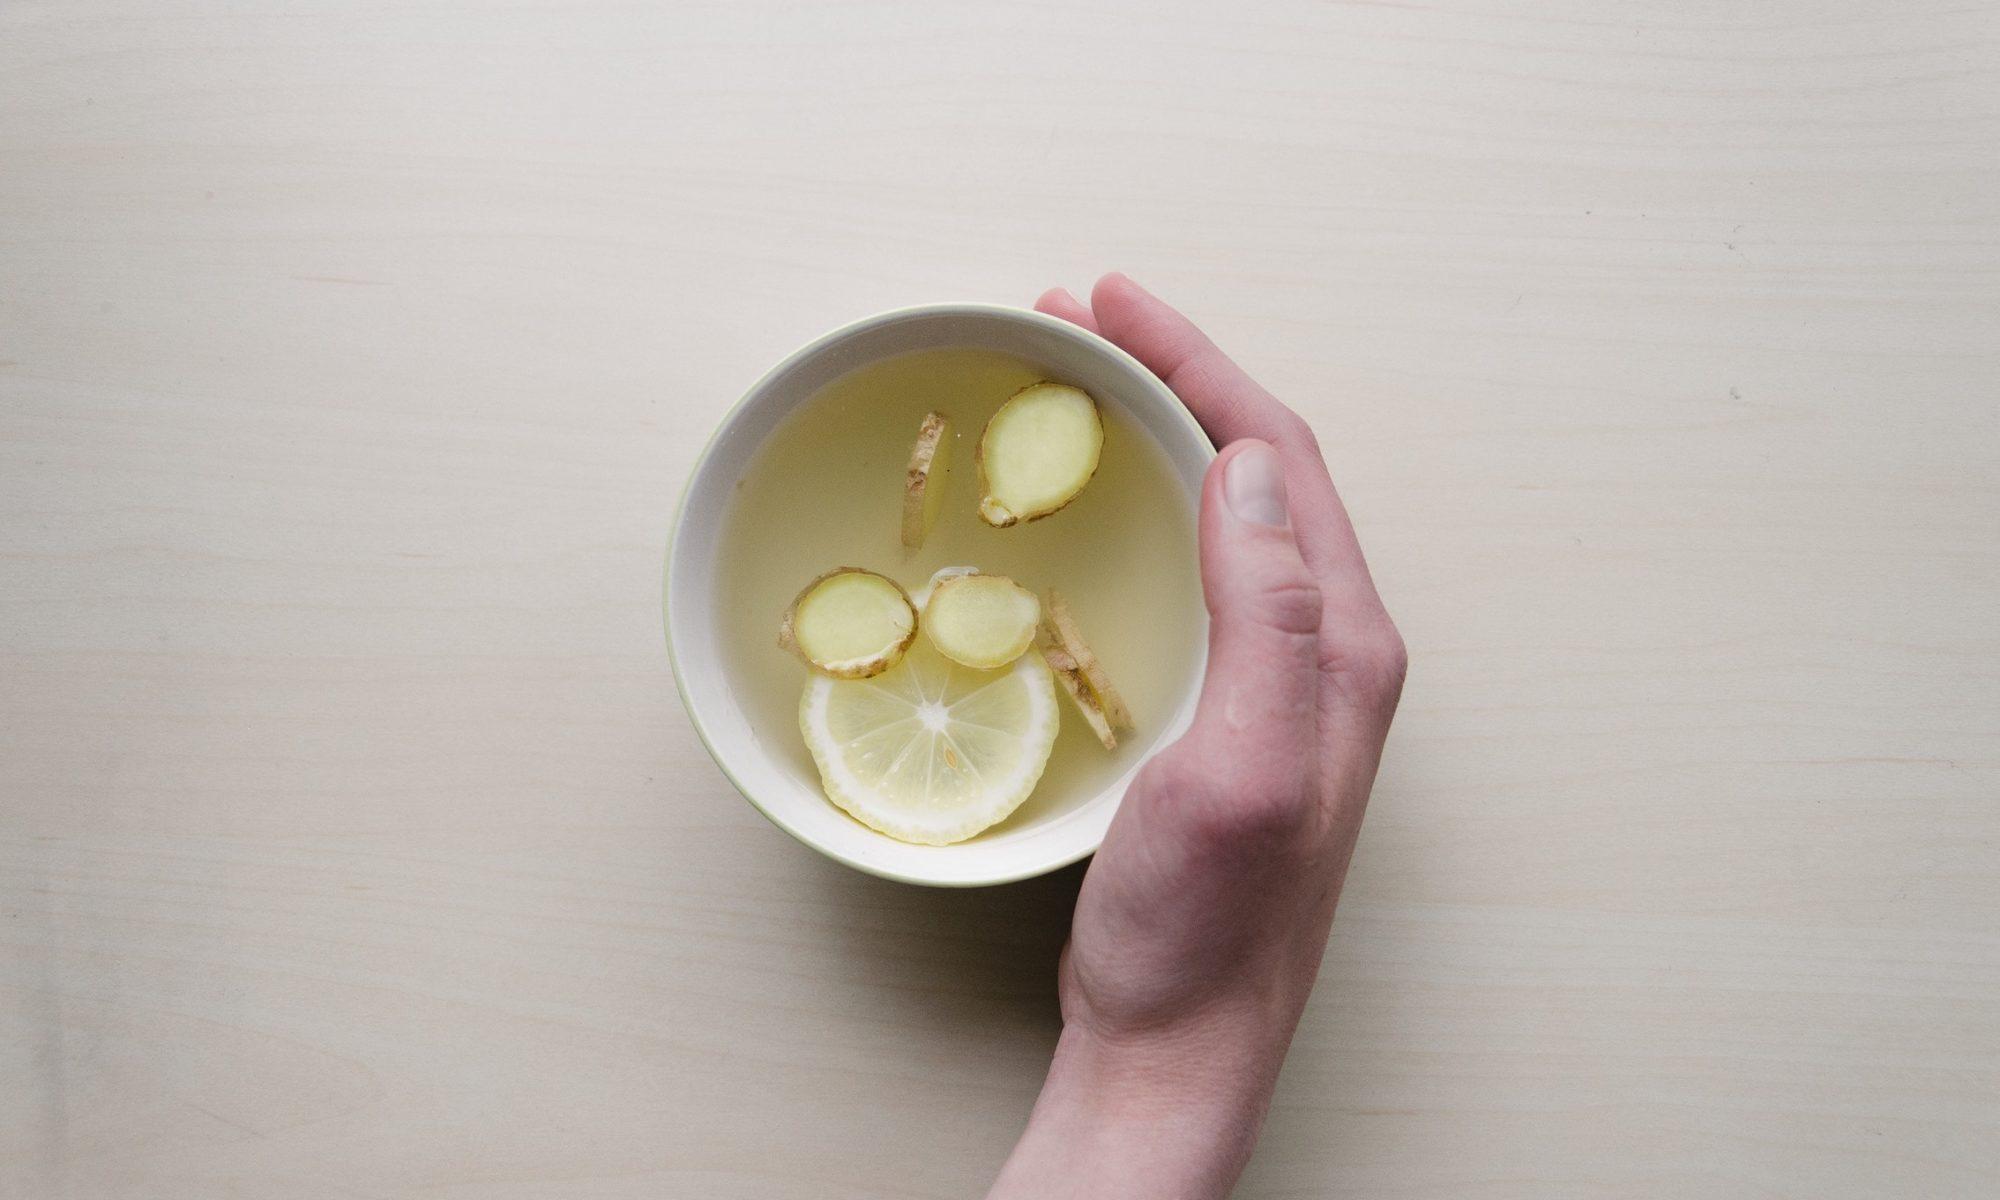 Draufsicht auf eine Tasse mit einer klaren Flüssigkeit, in der Ingwerstücke schwimmen und die von einer Hand gehalten wird.